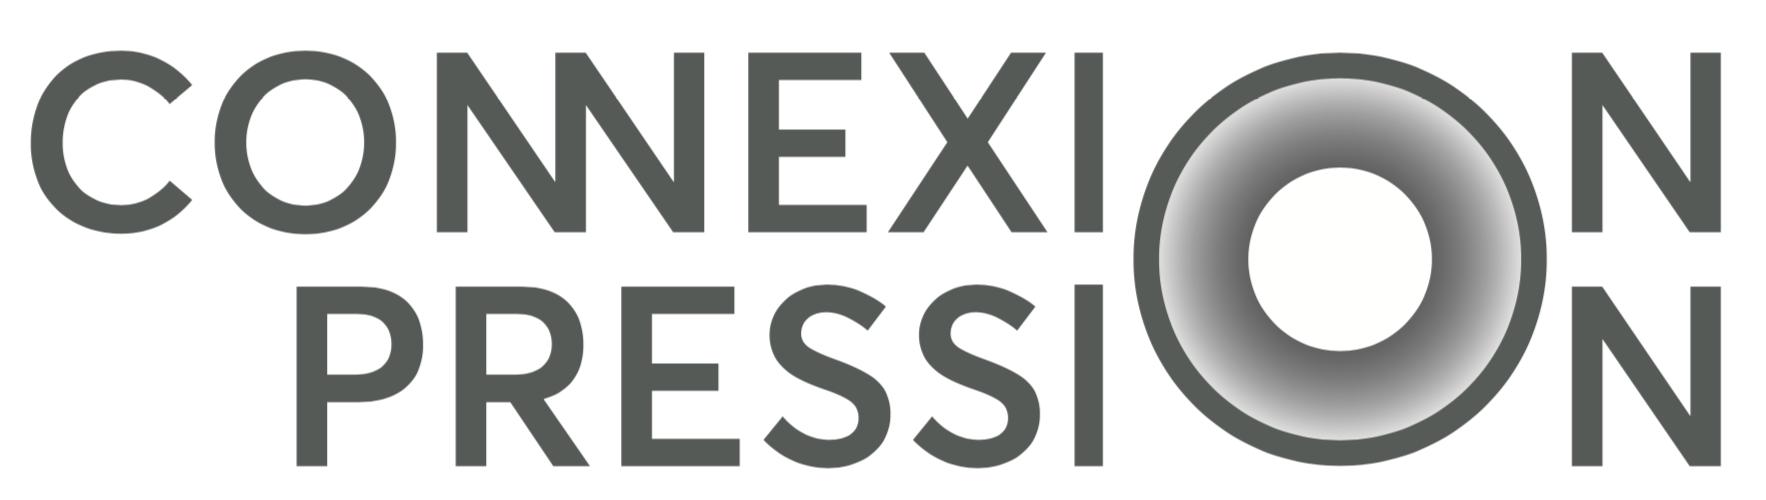 logo_connexion-pression